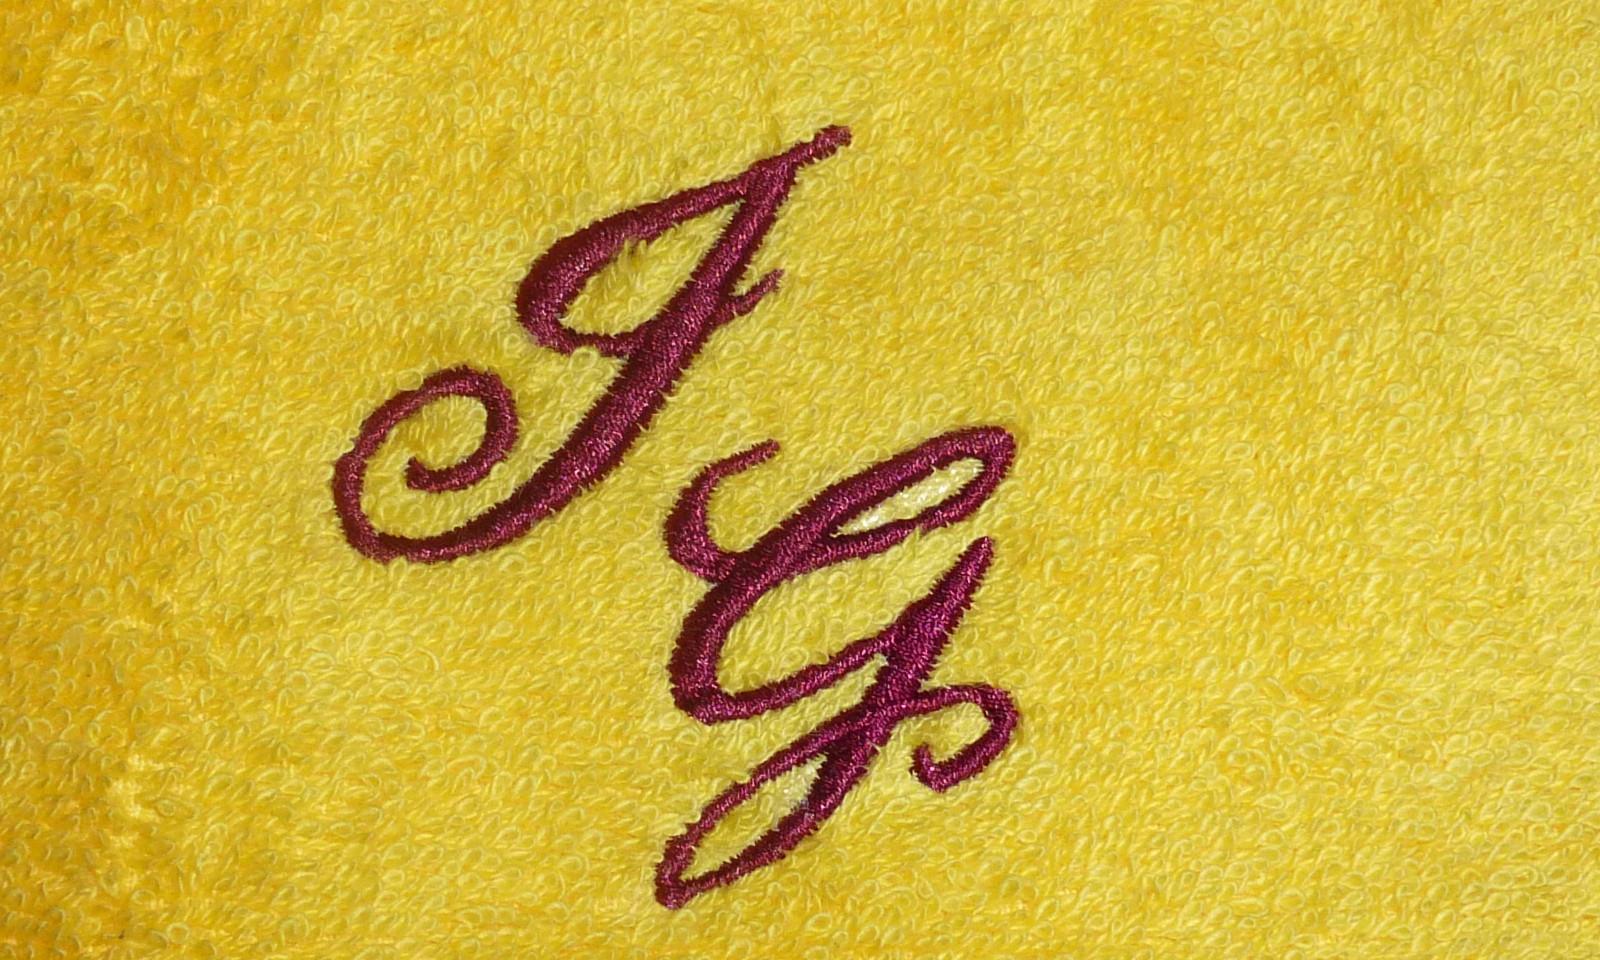 Handtuch mit Initialen